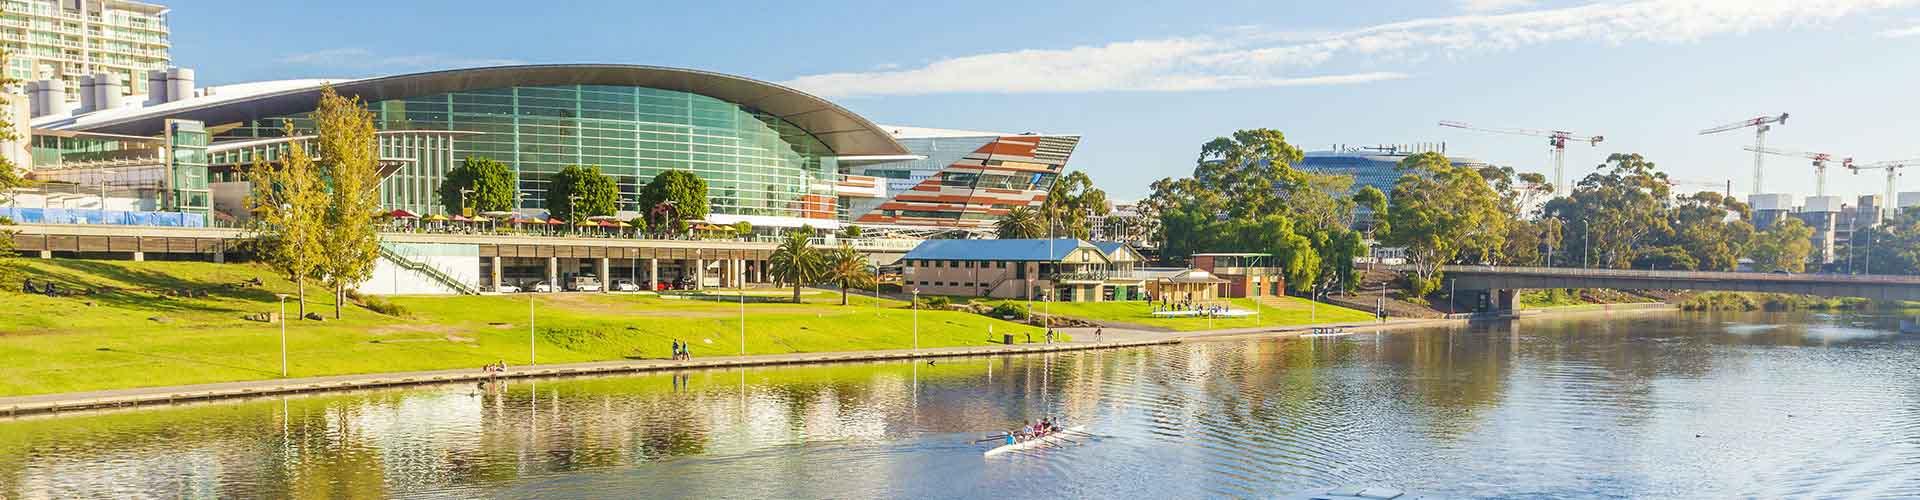 Adelaide - Ifjúsági Szállások Adelaideben. Adelaide térképek, fotók és ajánlások minden egyes ifjúsági szállásokra Adelaide-ben.